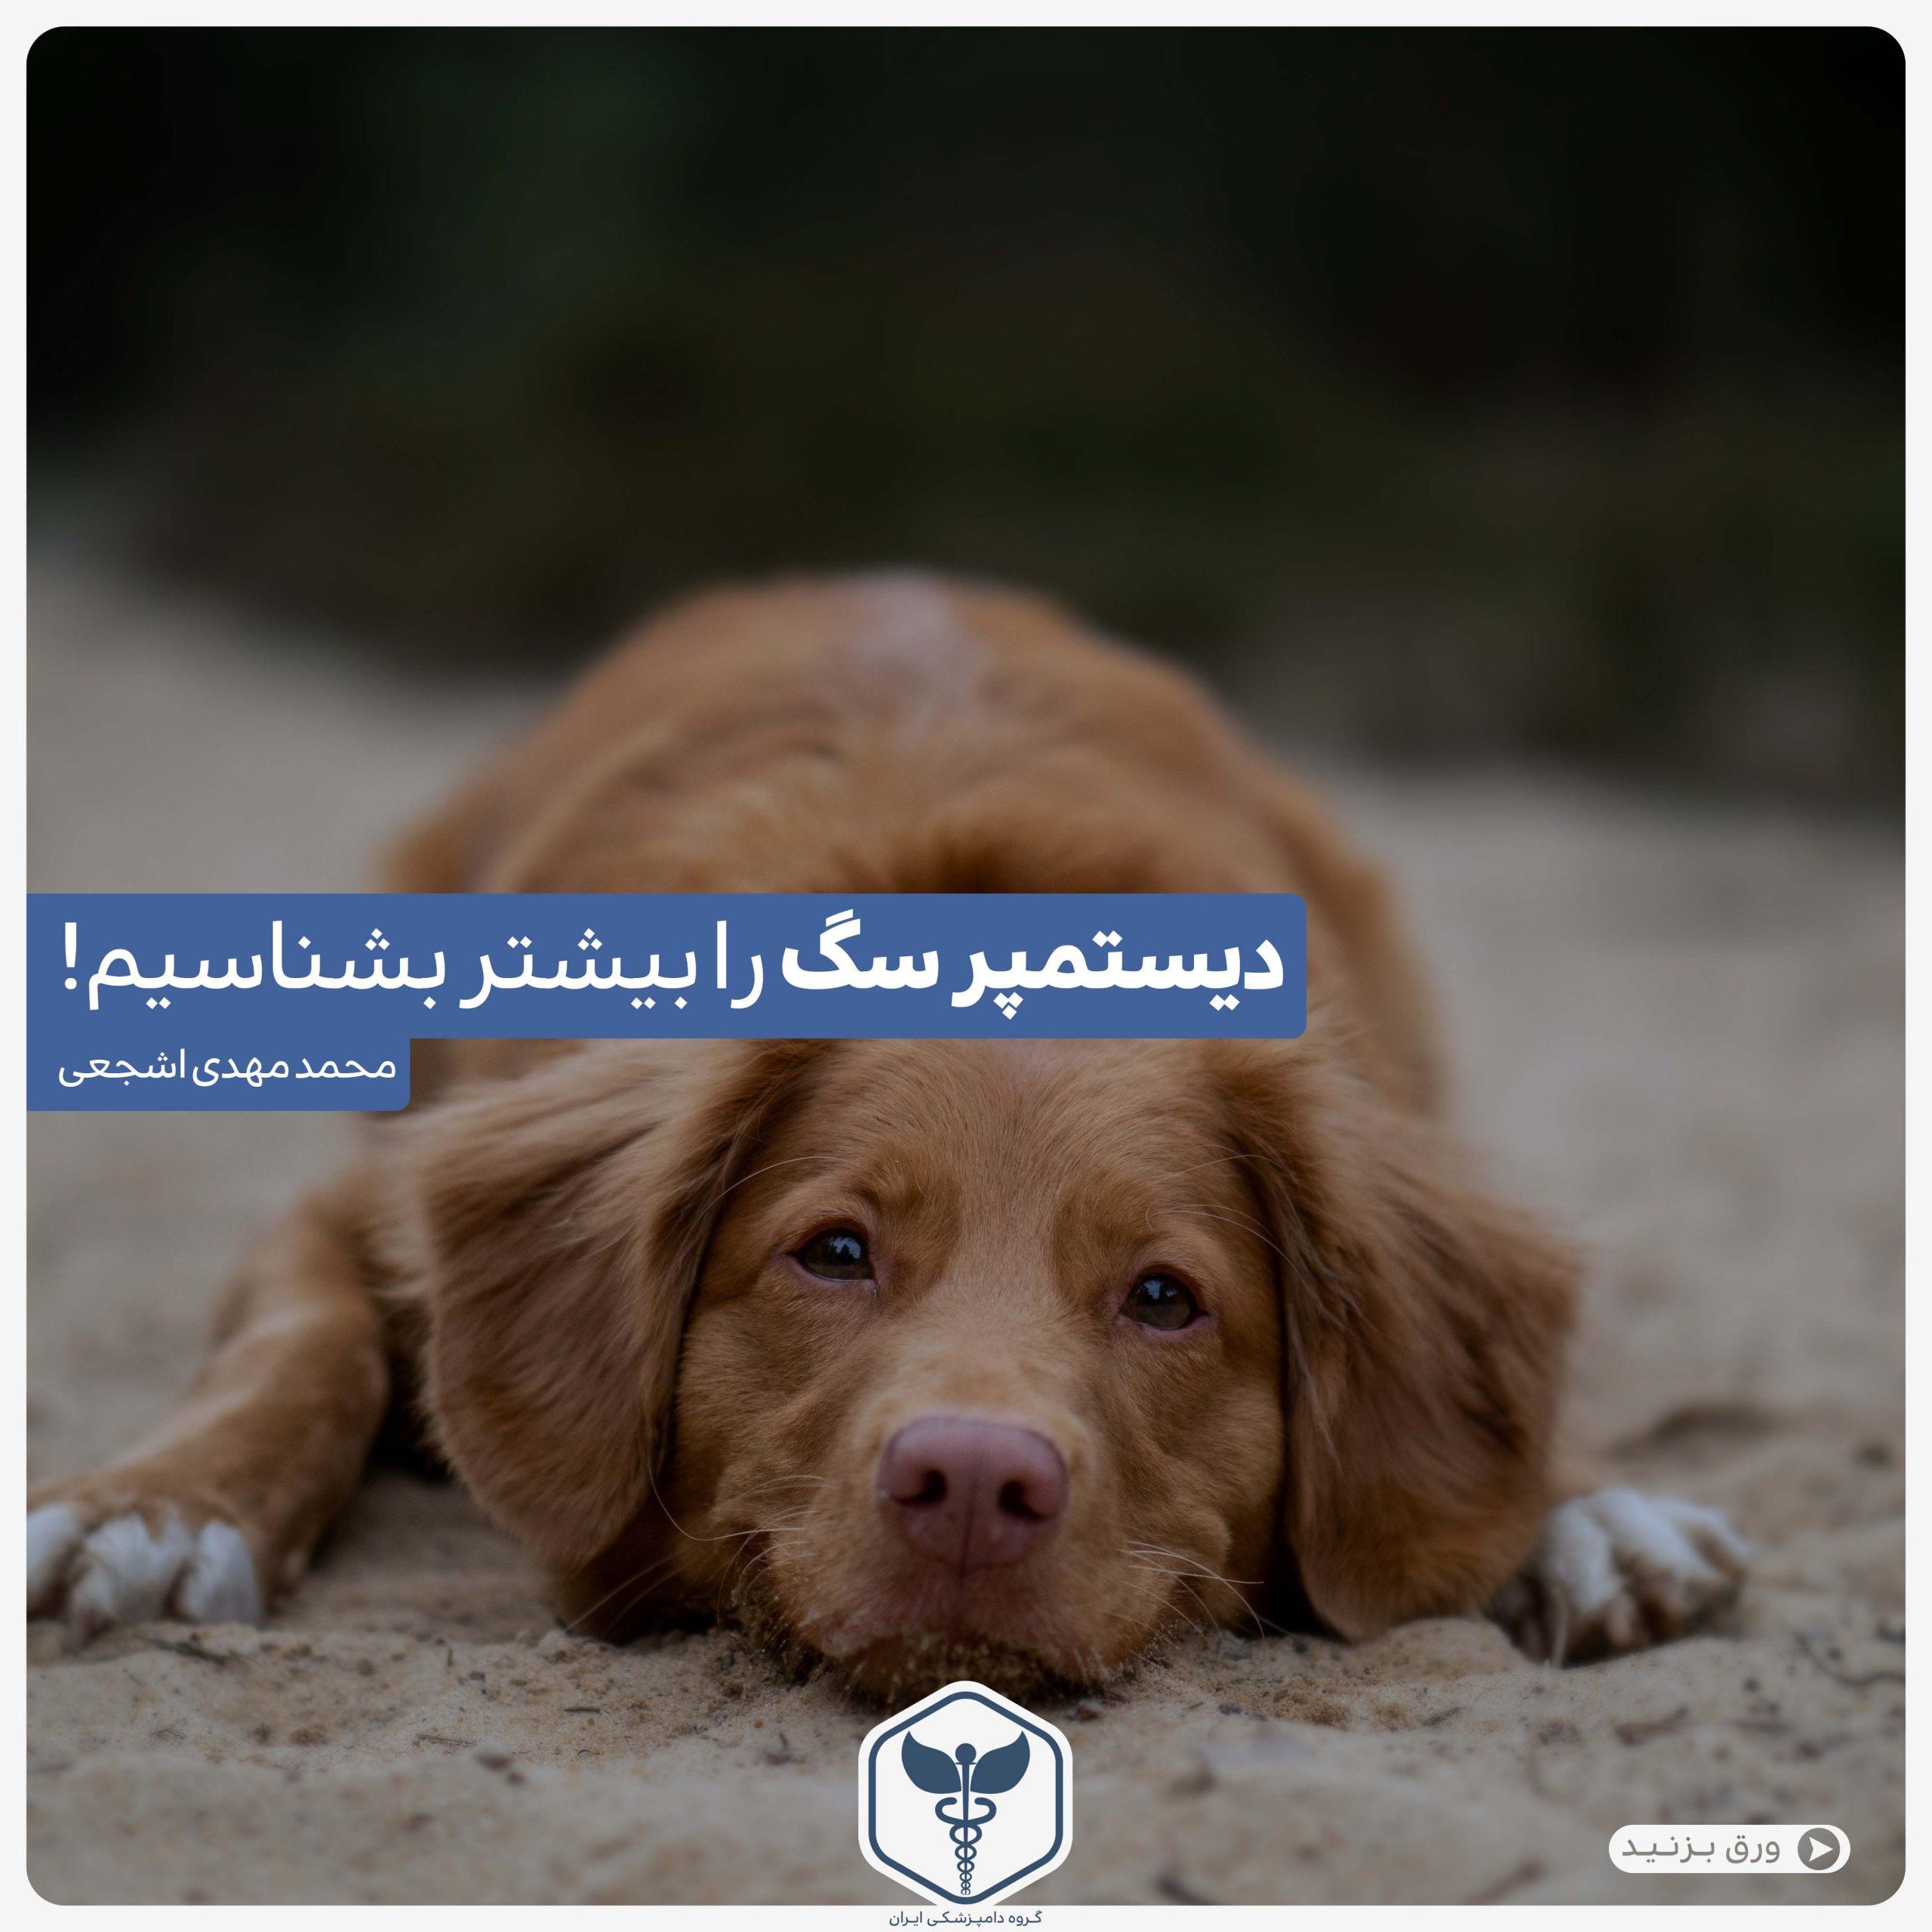 دیستمپر سگ را بیشتر بشناسیم